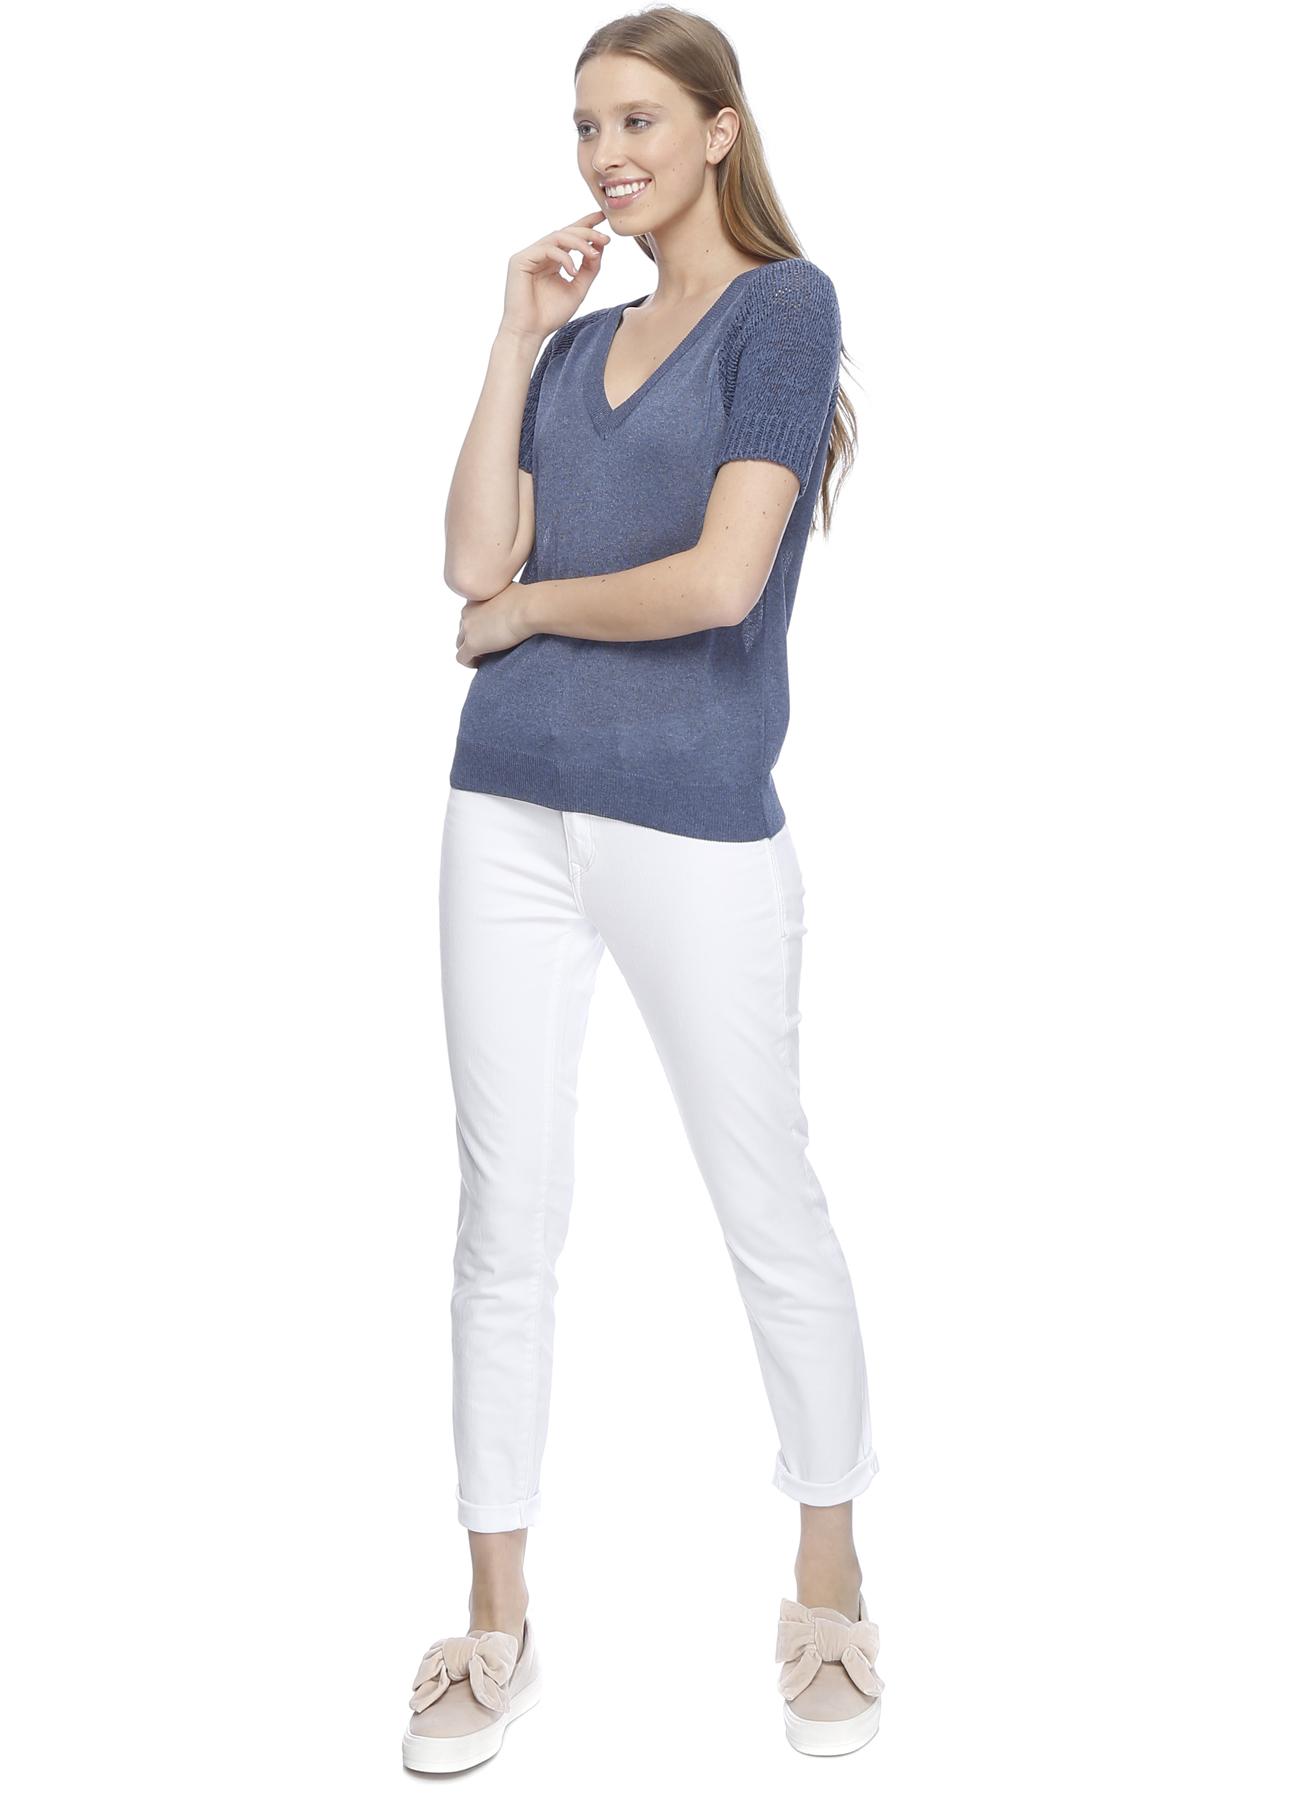 Mavi Adriana Ankle Beyaz Denim Pantolon 25-32 5000195502003 Ürün Resmi